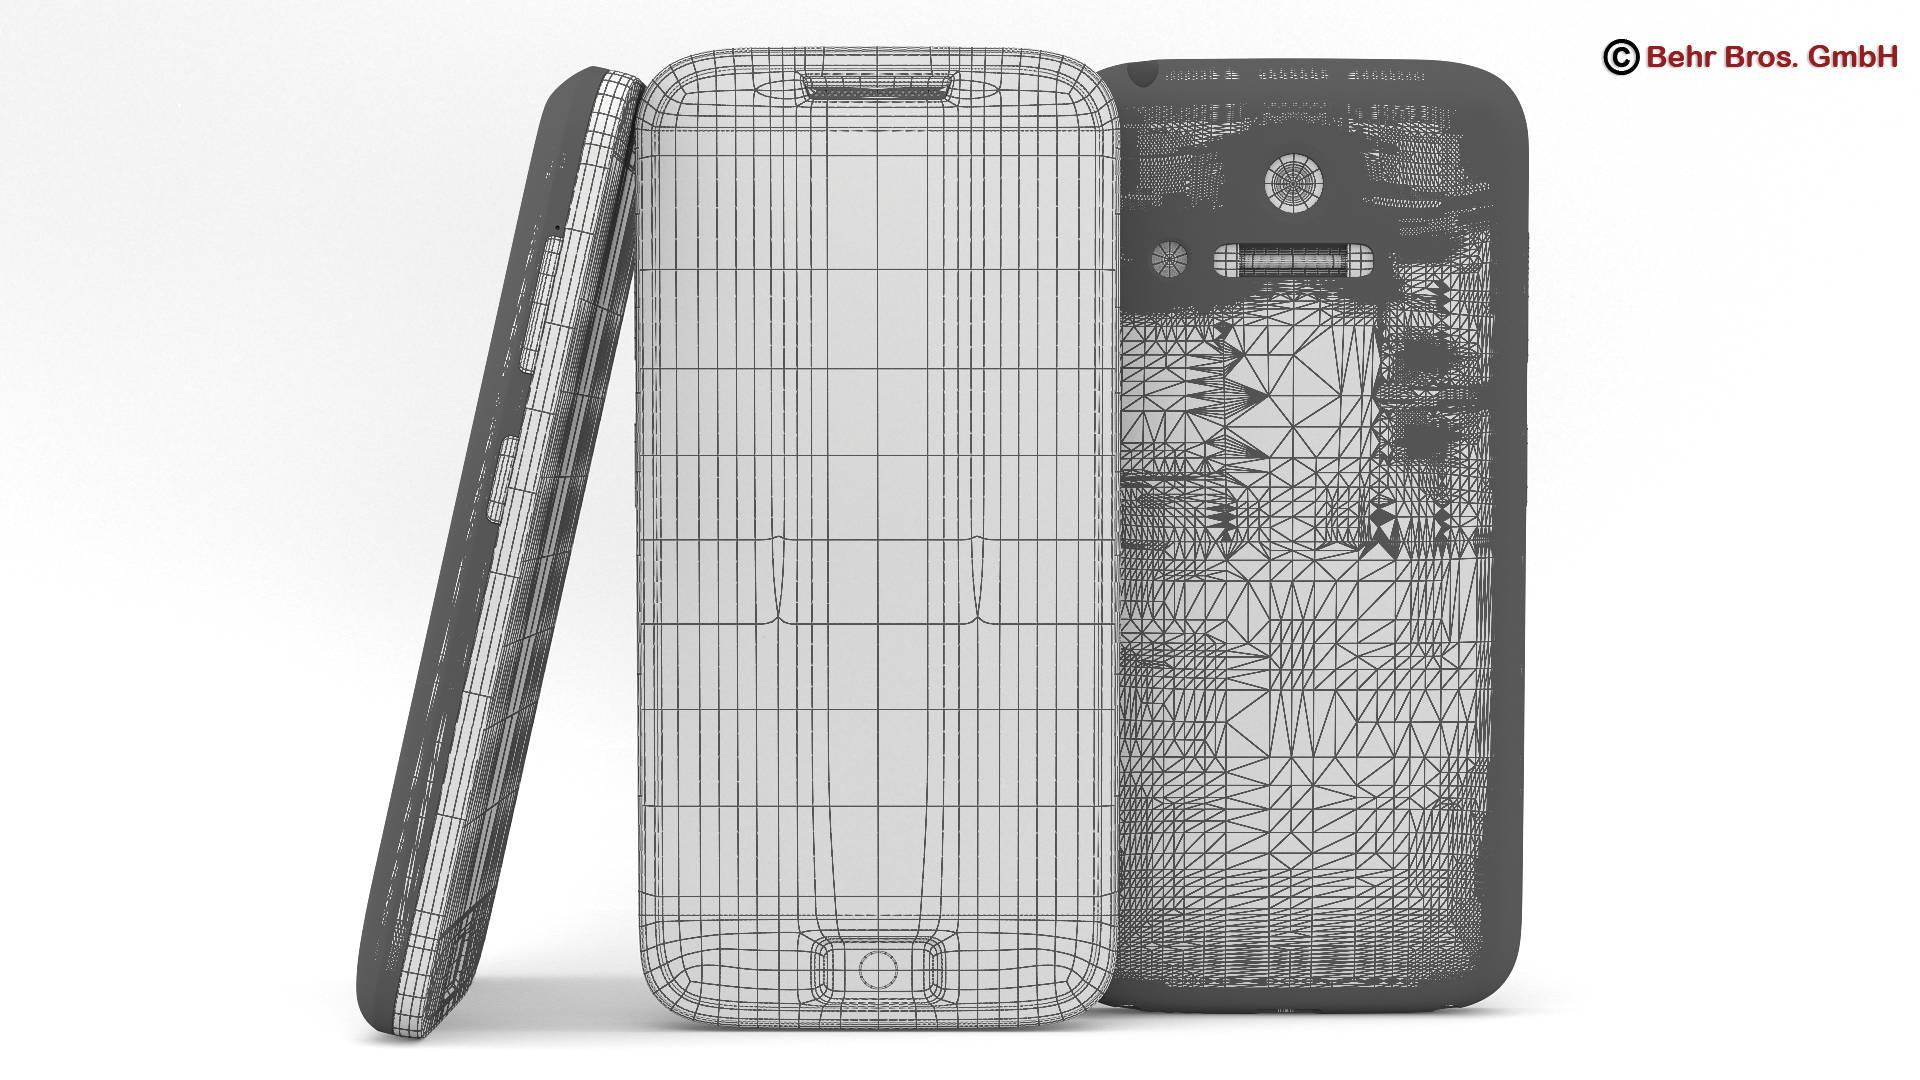 vispārējs viedtālrunis 4 collas 3d modelis 3ds max fbx c4d lwo ma mb obj 161633